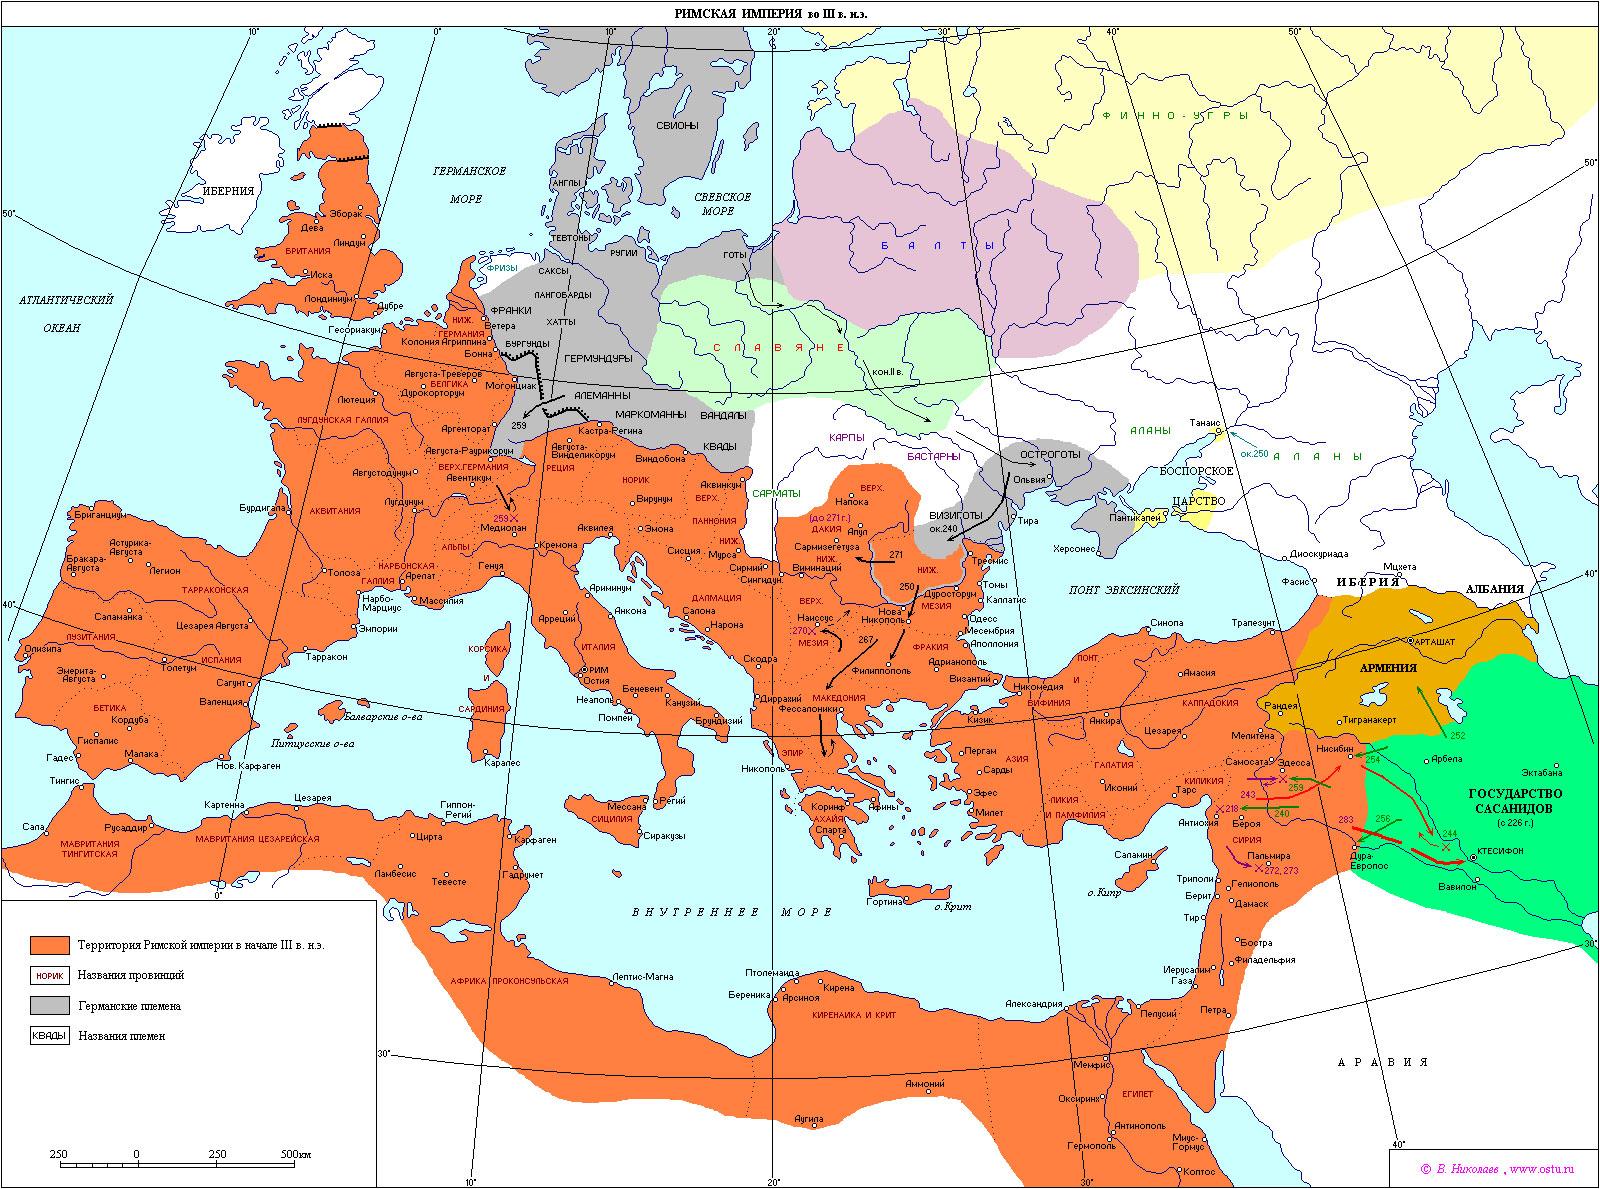 Римская империя в iii в н э